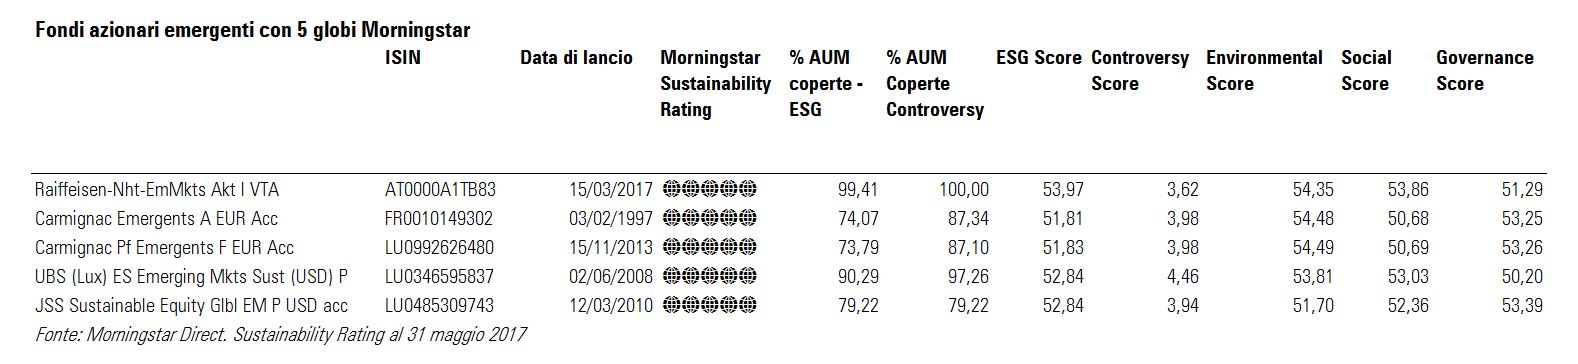 Azionari emergenti con alto Sustainability Rating